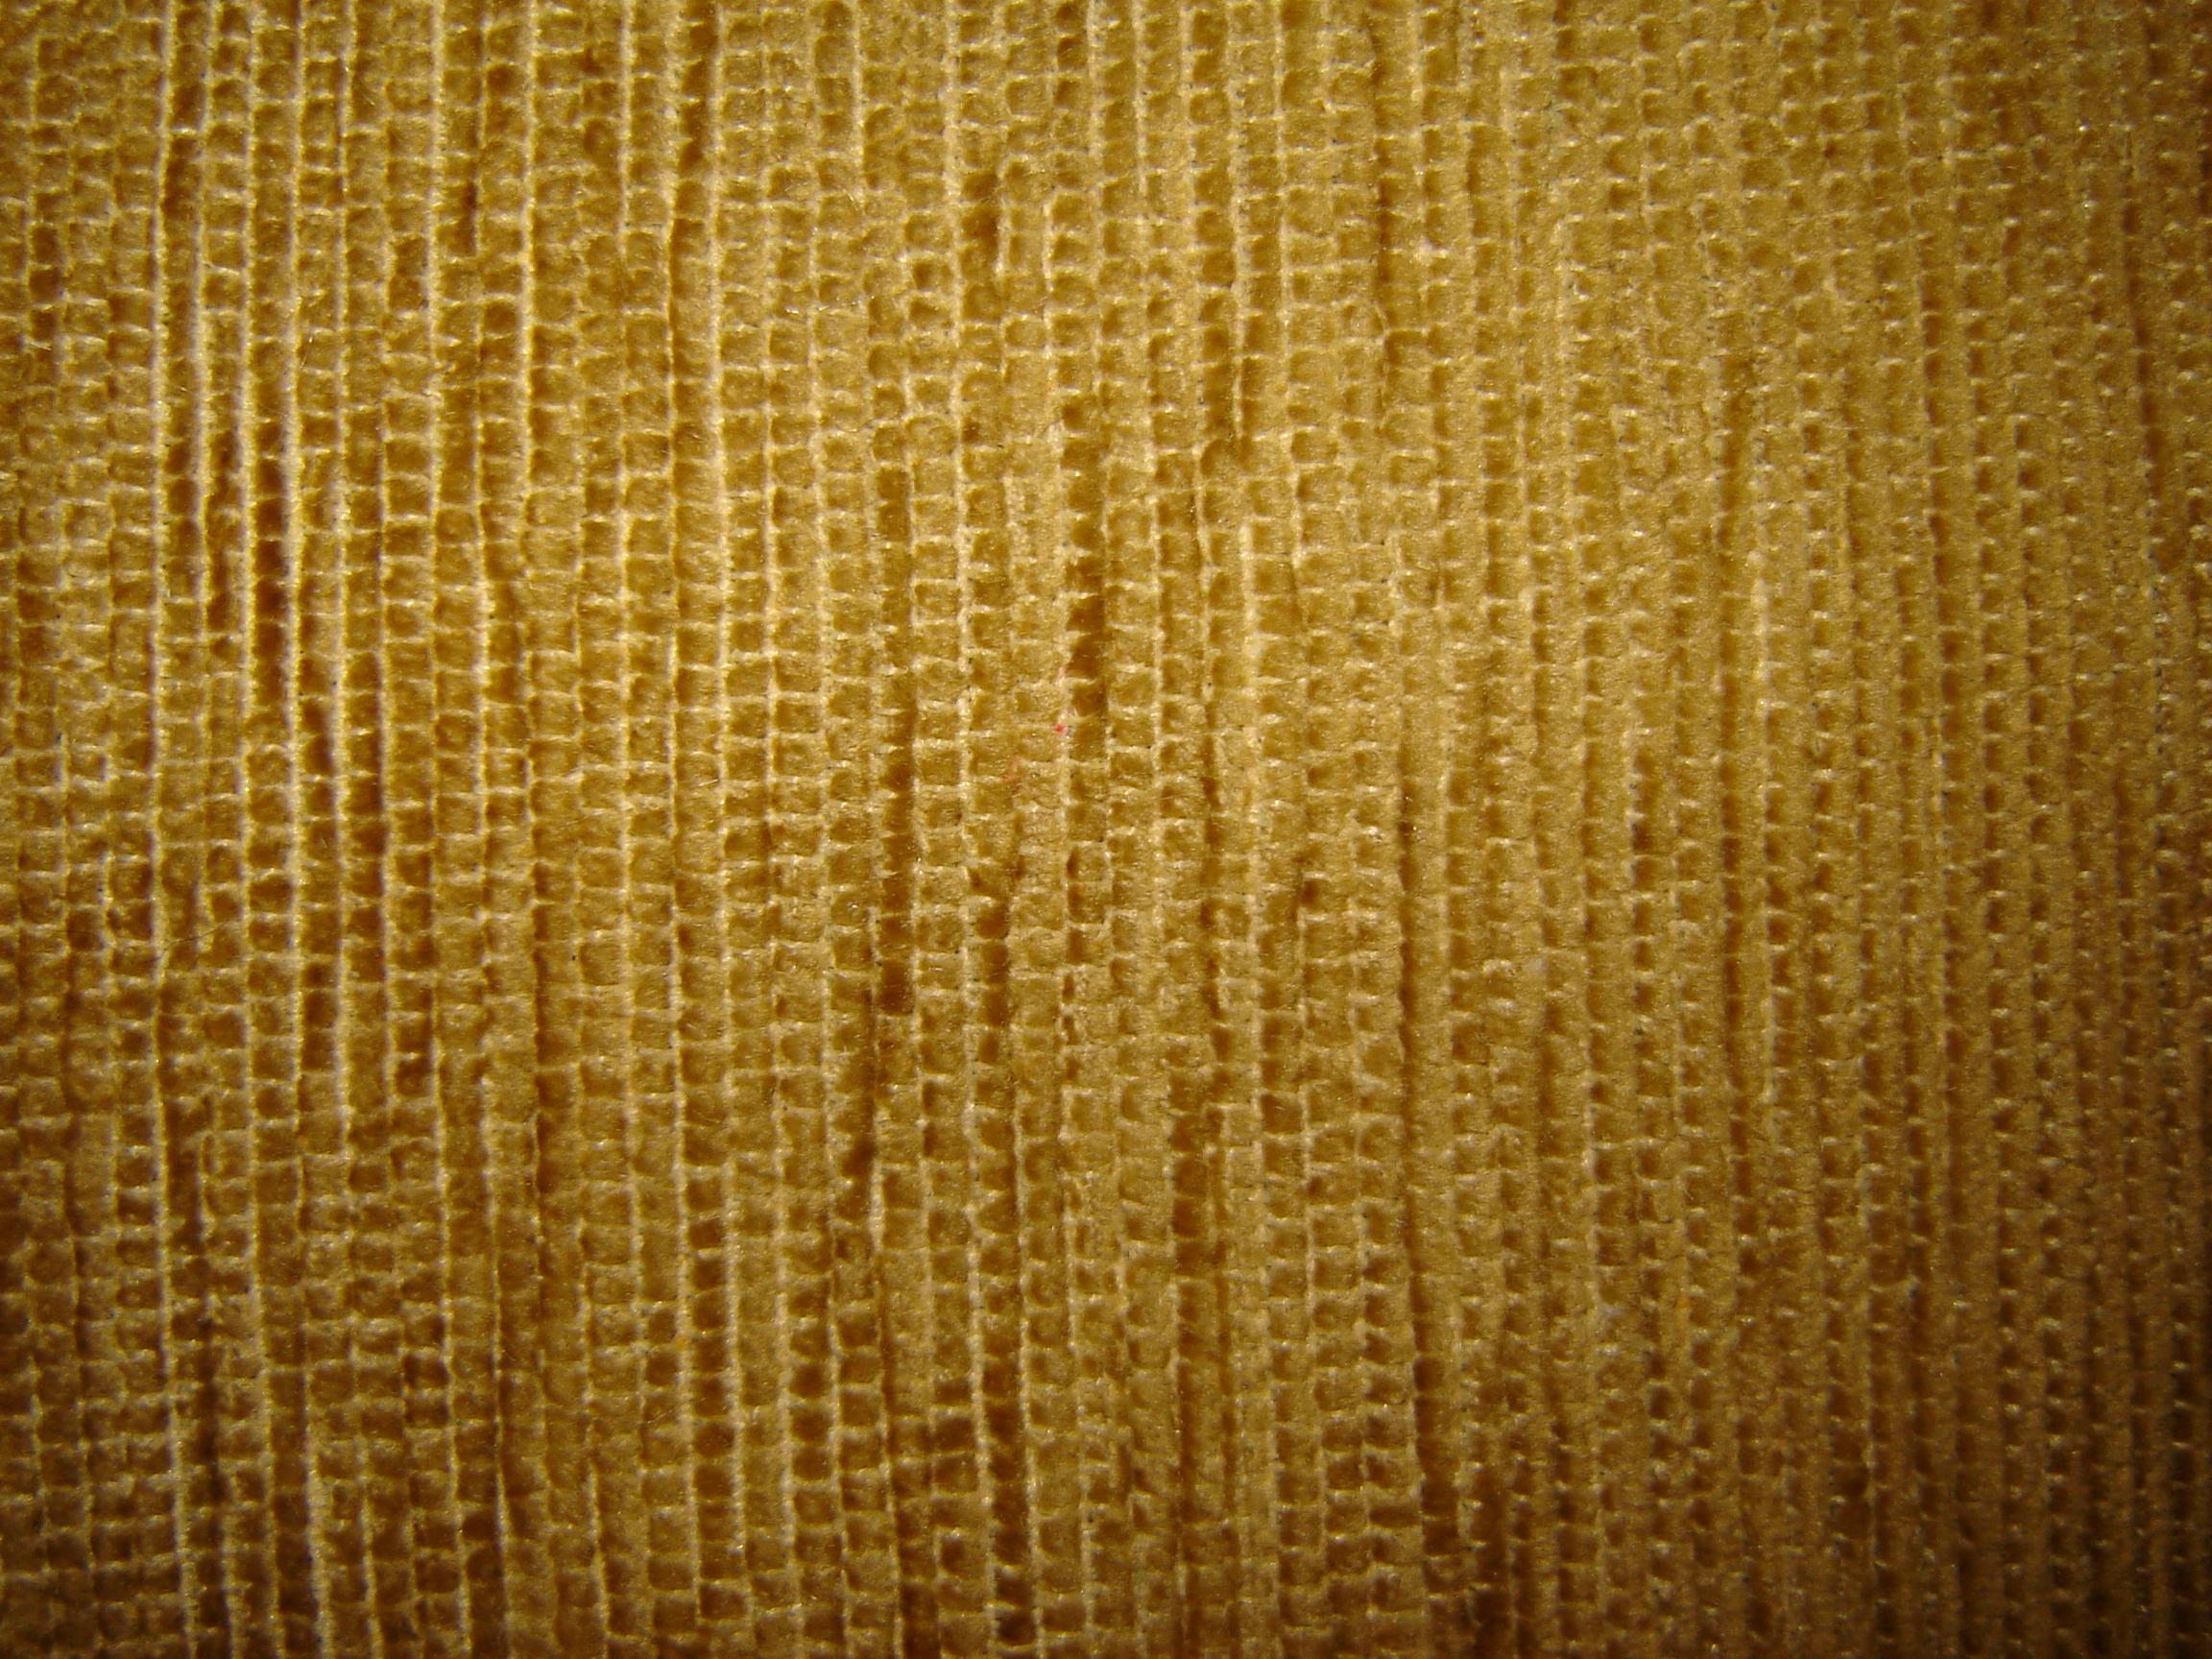 Шенилл или рогожка что лучше для дивана: особенности, плюсы и минусы обивочных тканей.